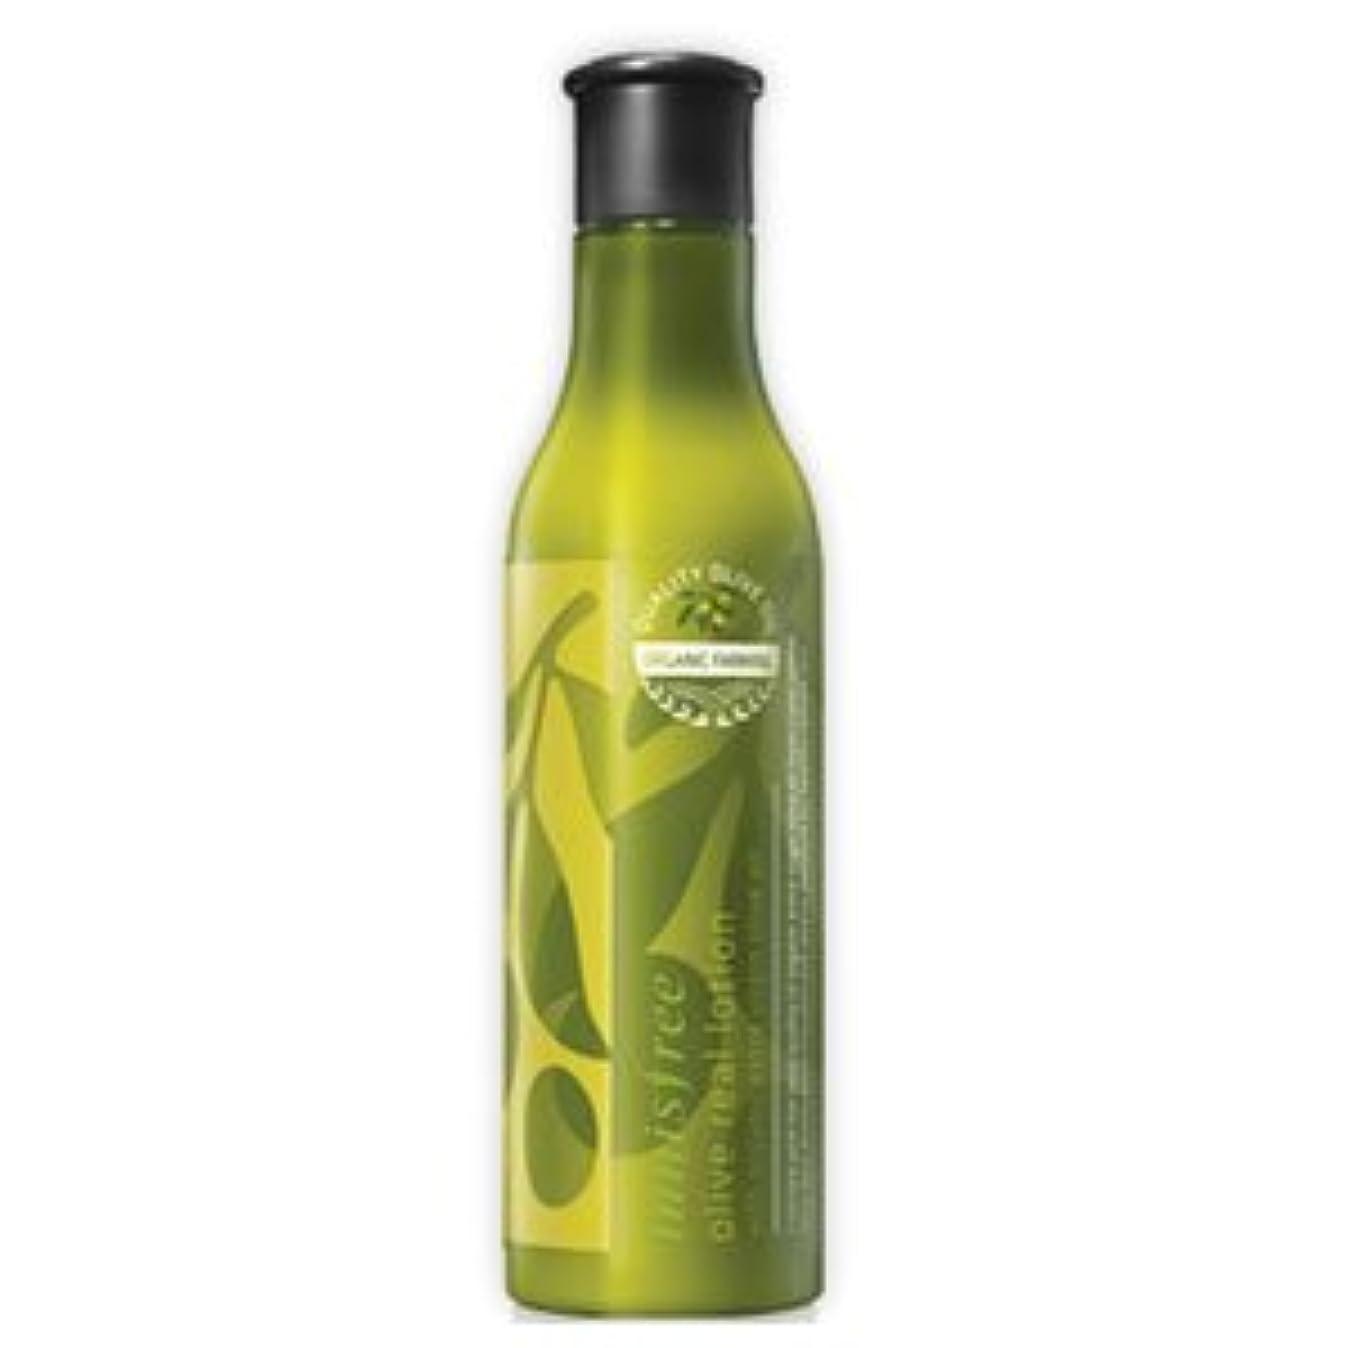 硬い報告書租界innisfree(イニスフリー) 保湿栄養 オリーブリアル ローション 乳液 160ml